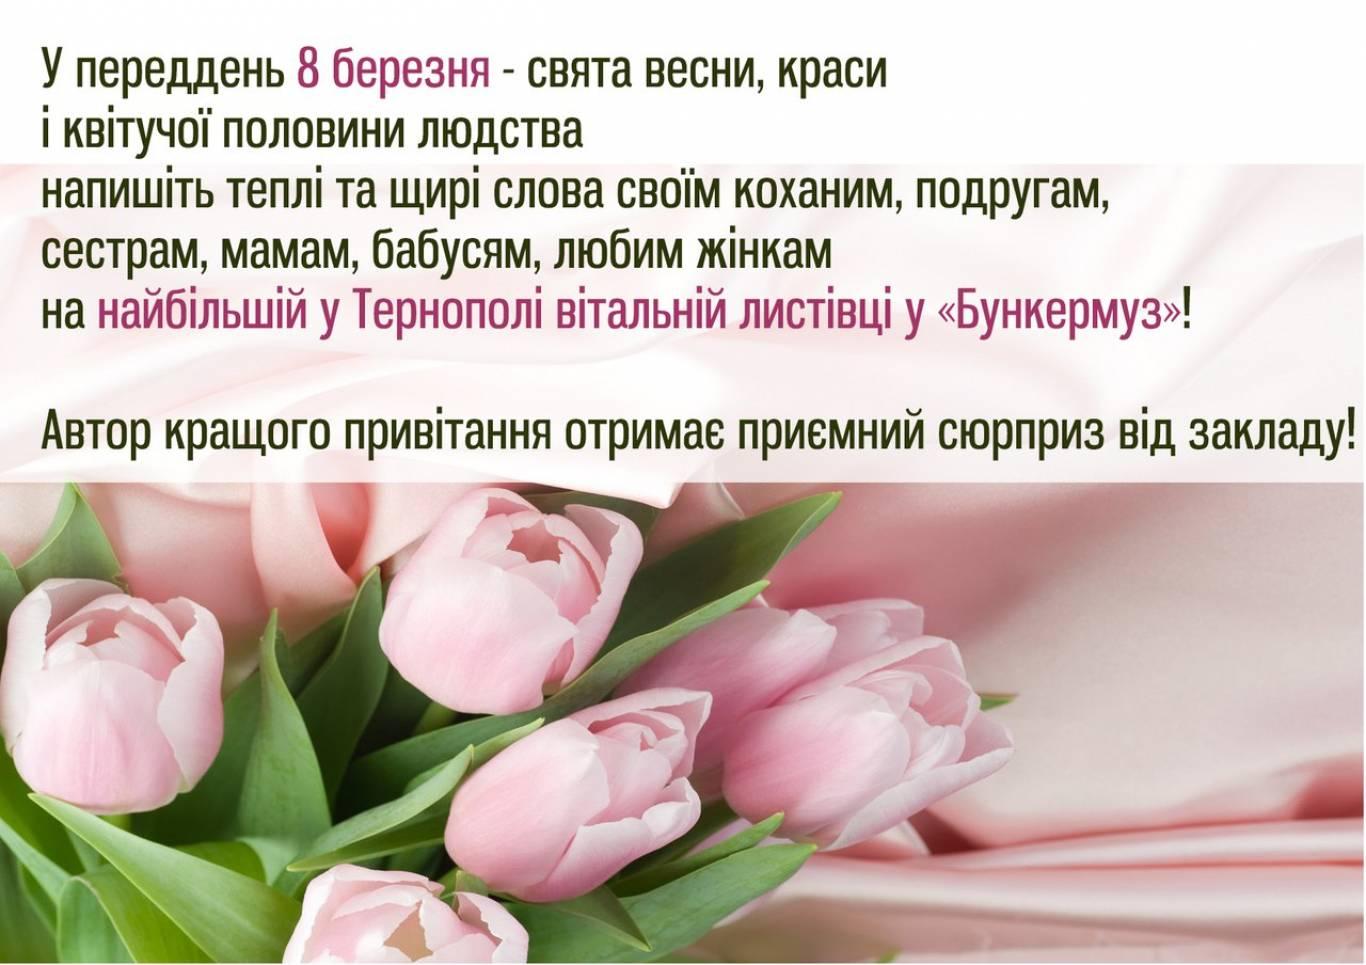 Вечірка 8 березня